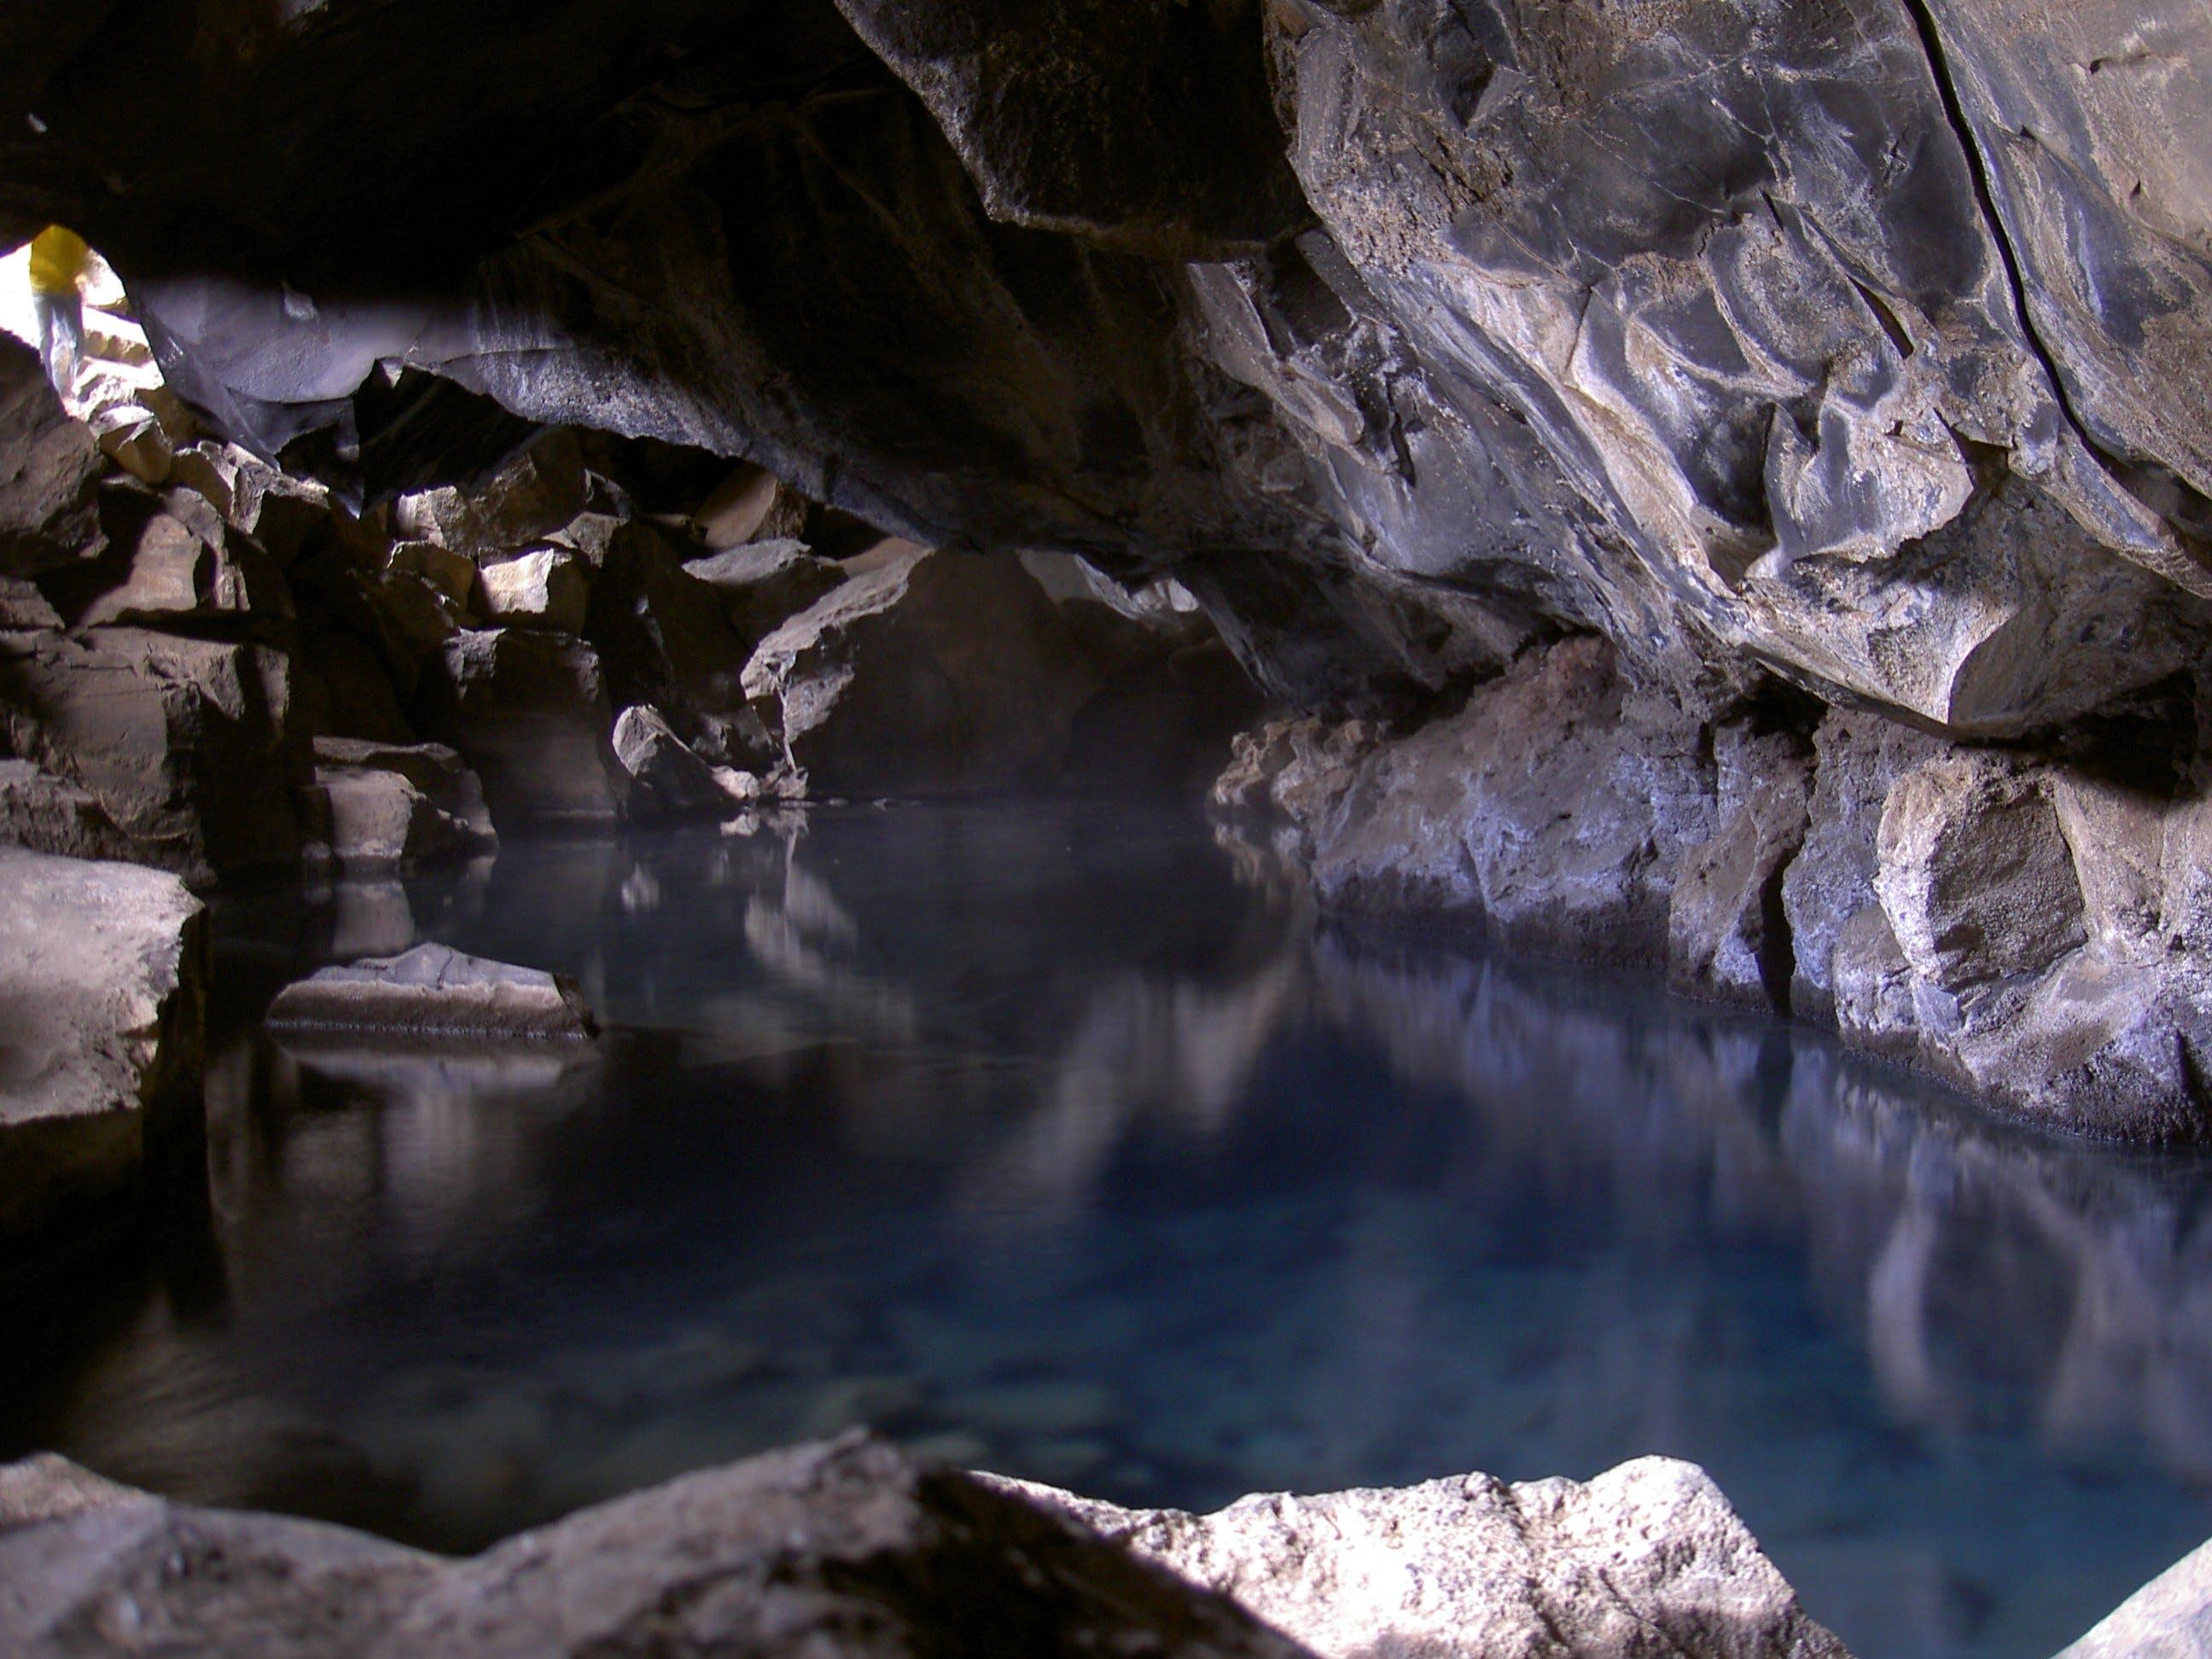 グリョゥタギャゥの洞窟